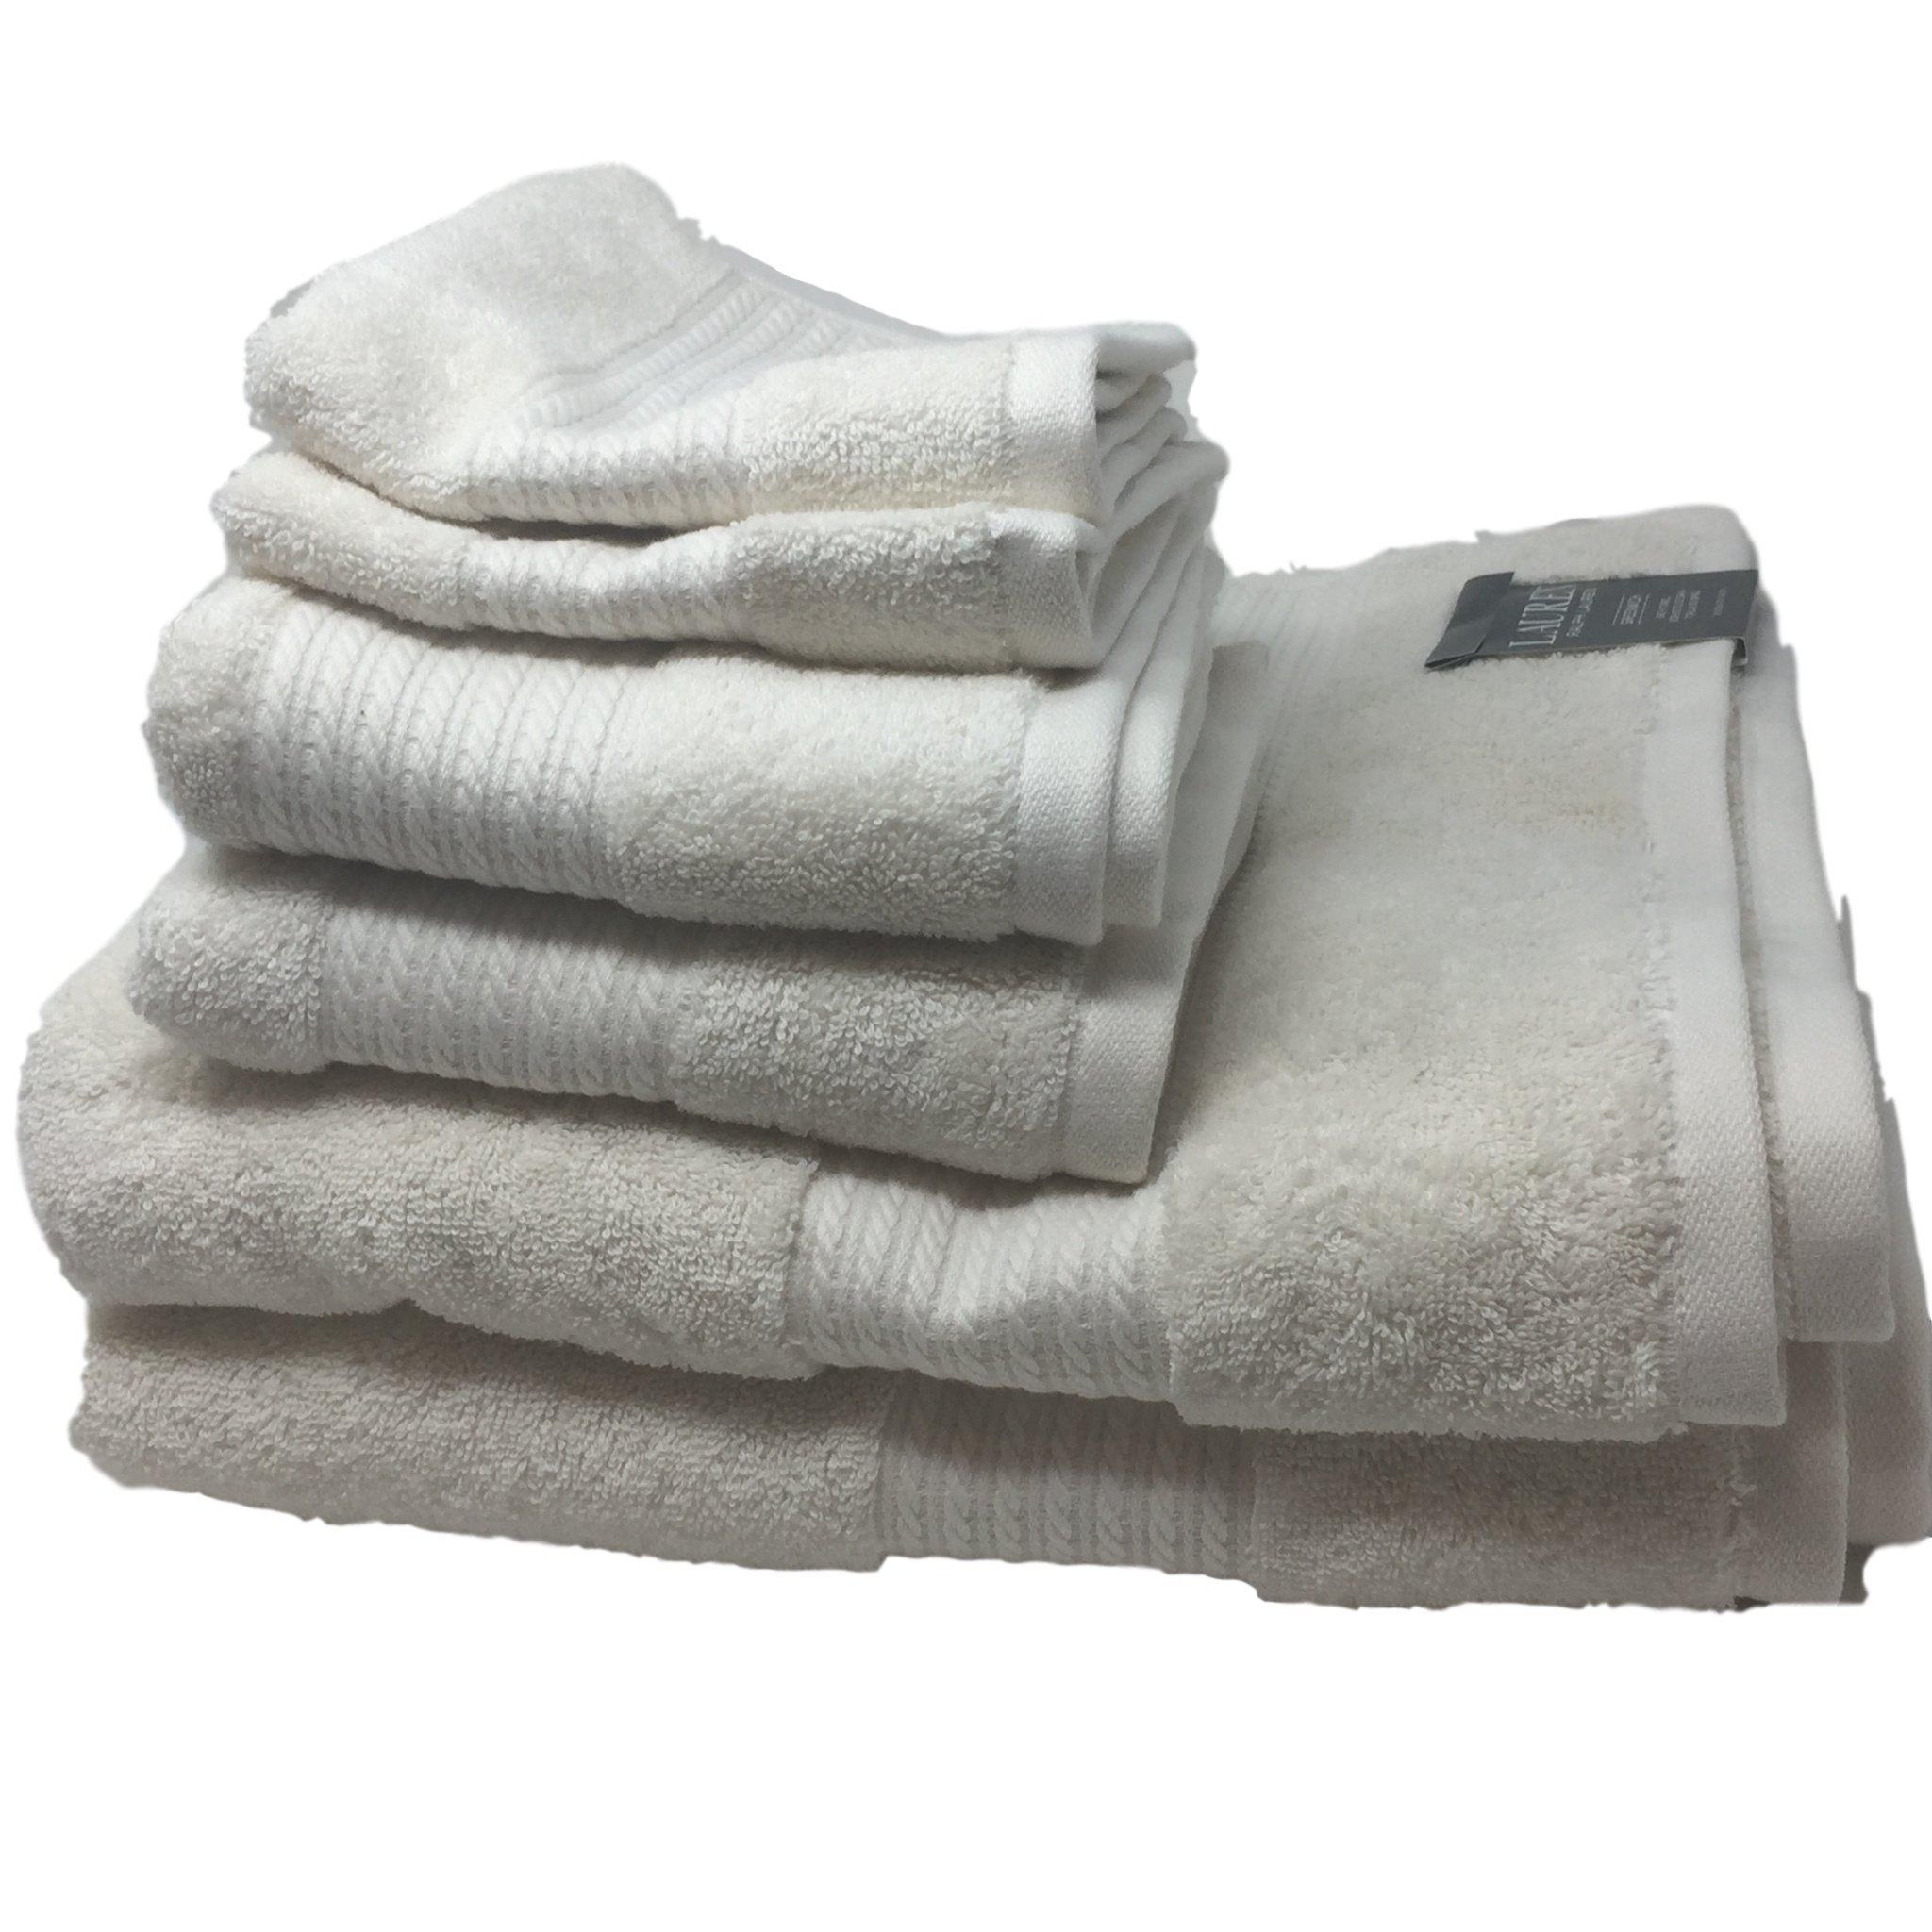 Lauren Ralph Lauren Greenwich Cream Towel 6 Piece Set Bundle - 2 Bath Towels, 2 Hand Towels, 2 Washcloths